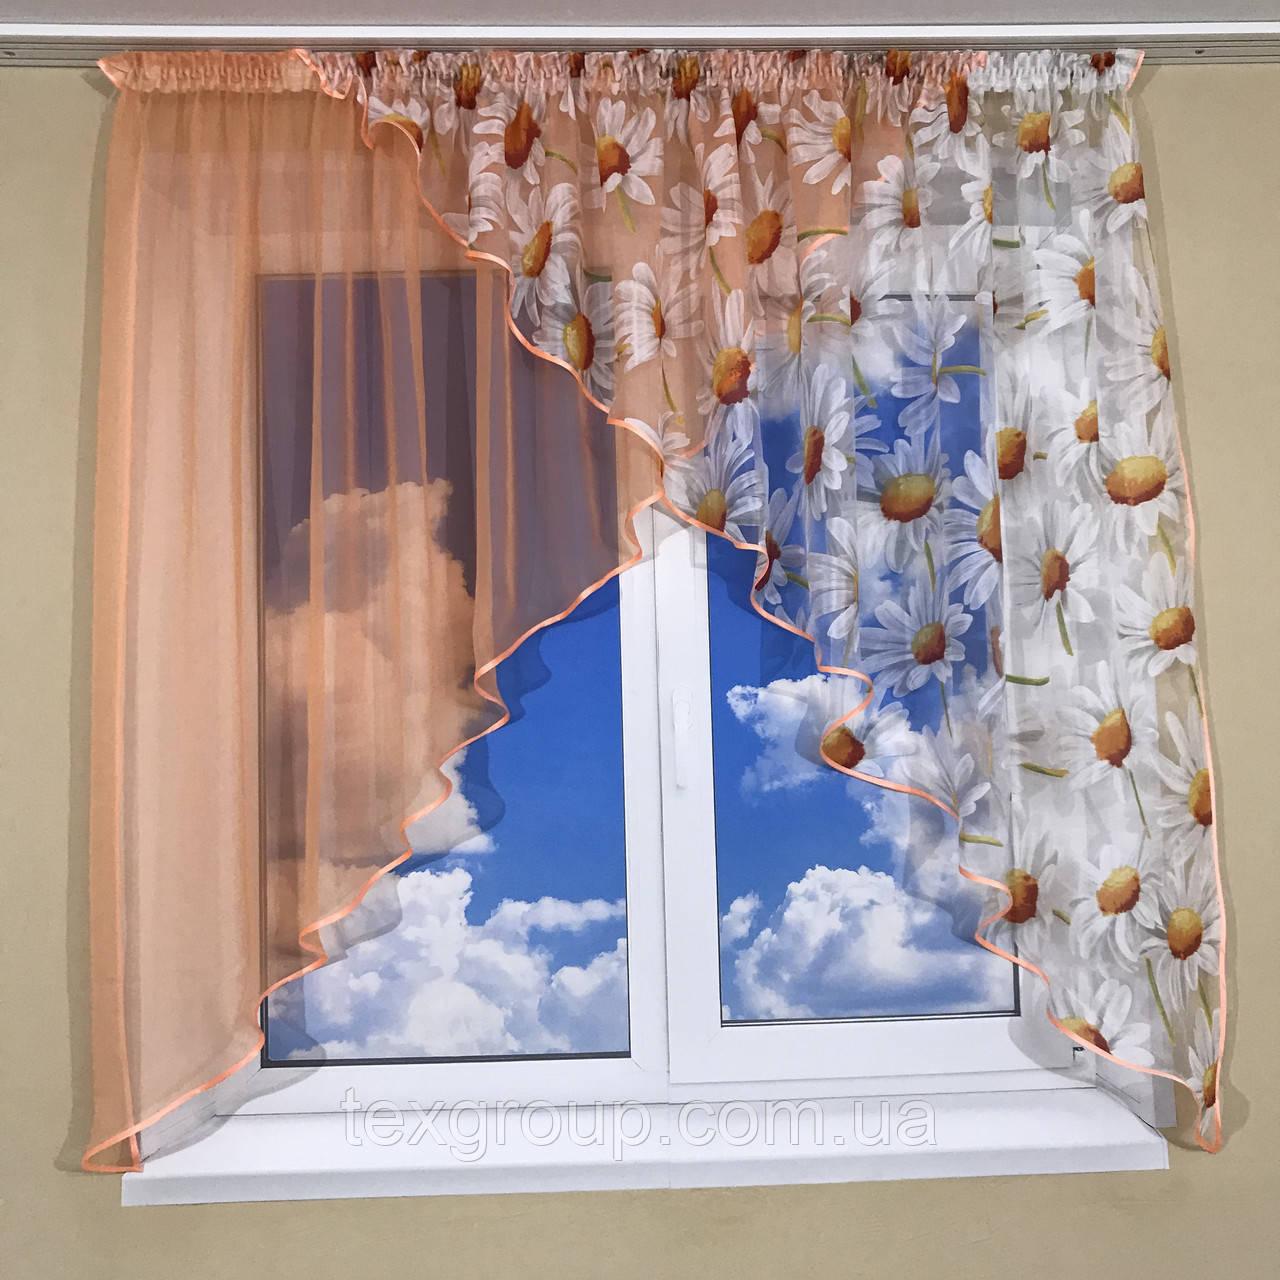 Кухонная занавеска на маленькое окно №418